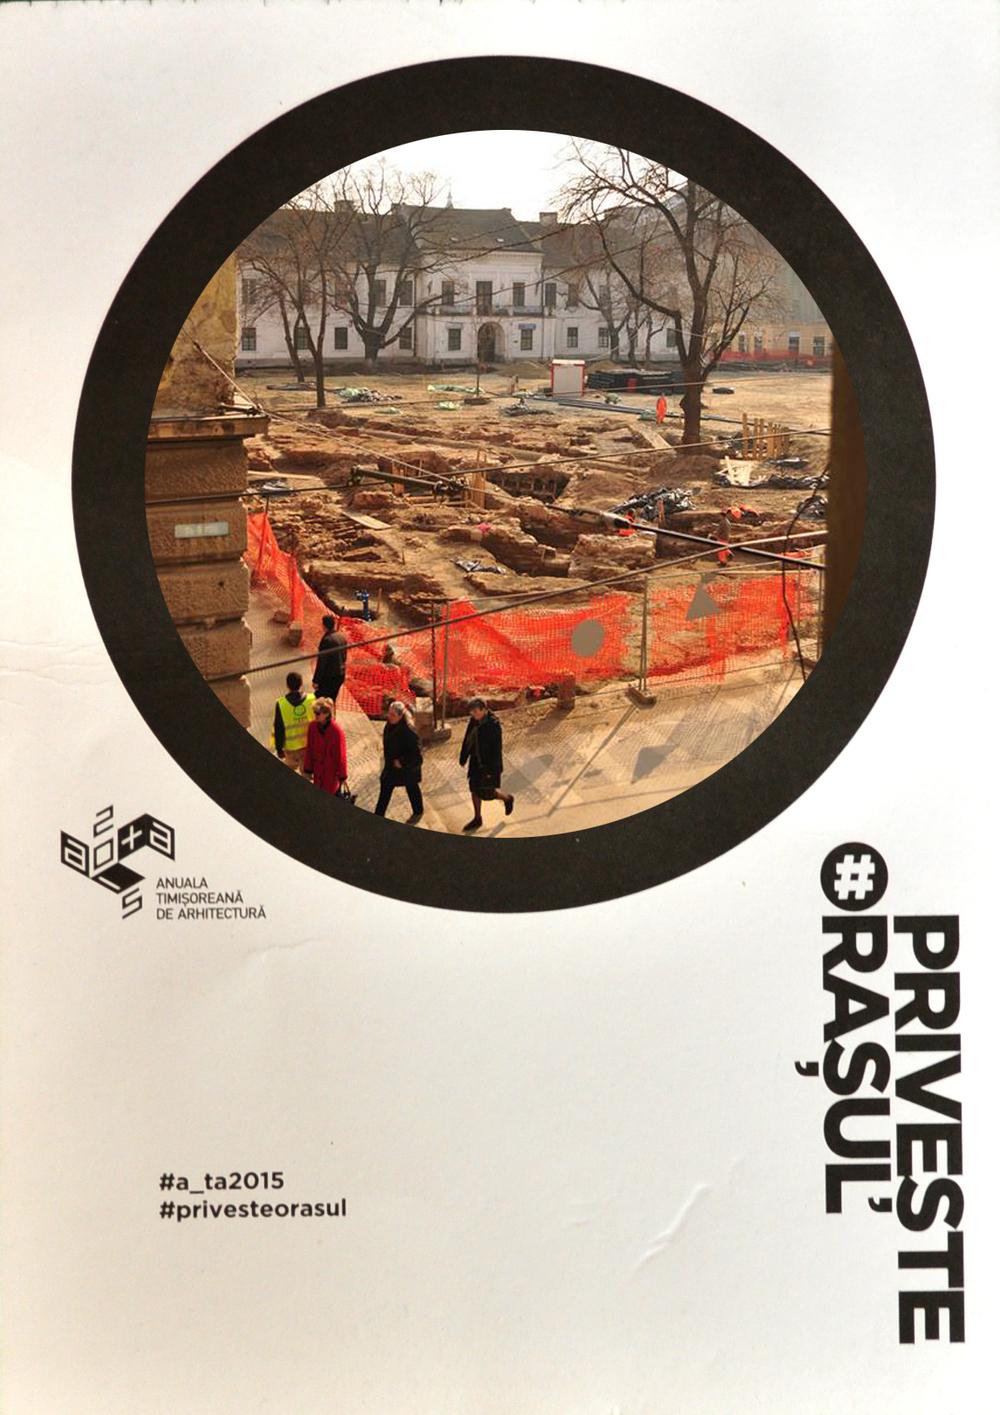 INV53 / Roxana Pătrulescu / mesaj:În 1752 băile turcești din Piața Paradei au fost acoperite ca urmare a dezvoltării înfloritoare a orașului. Oare în 2015 ce semnifică acoperirea lor?